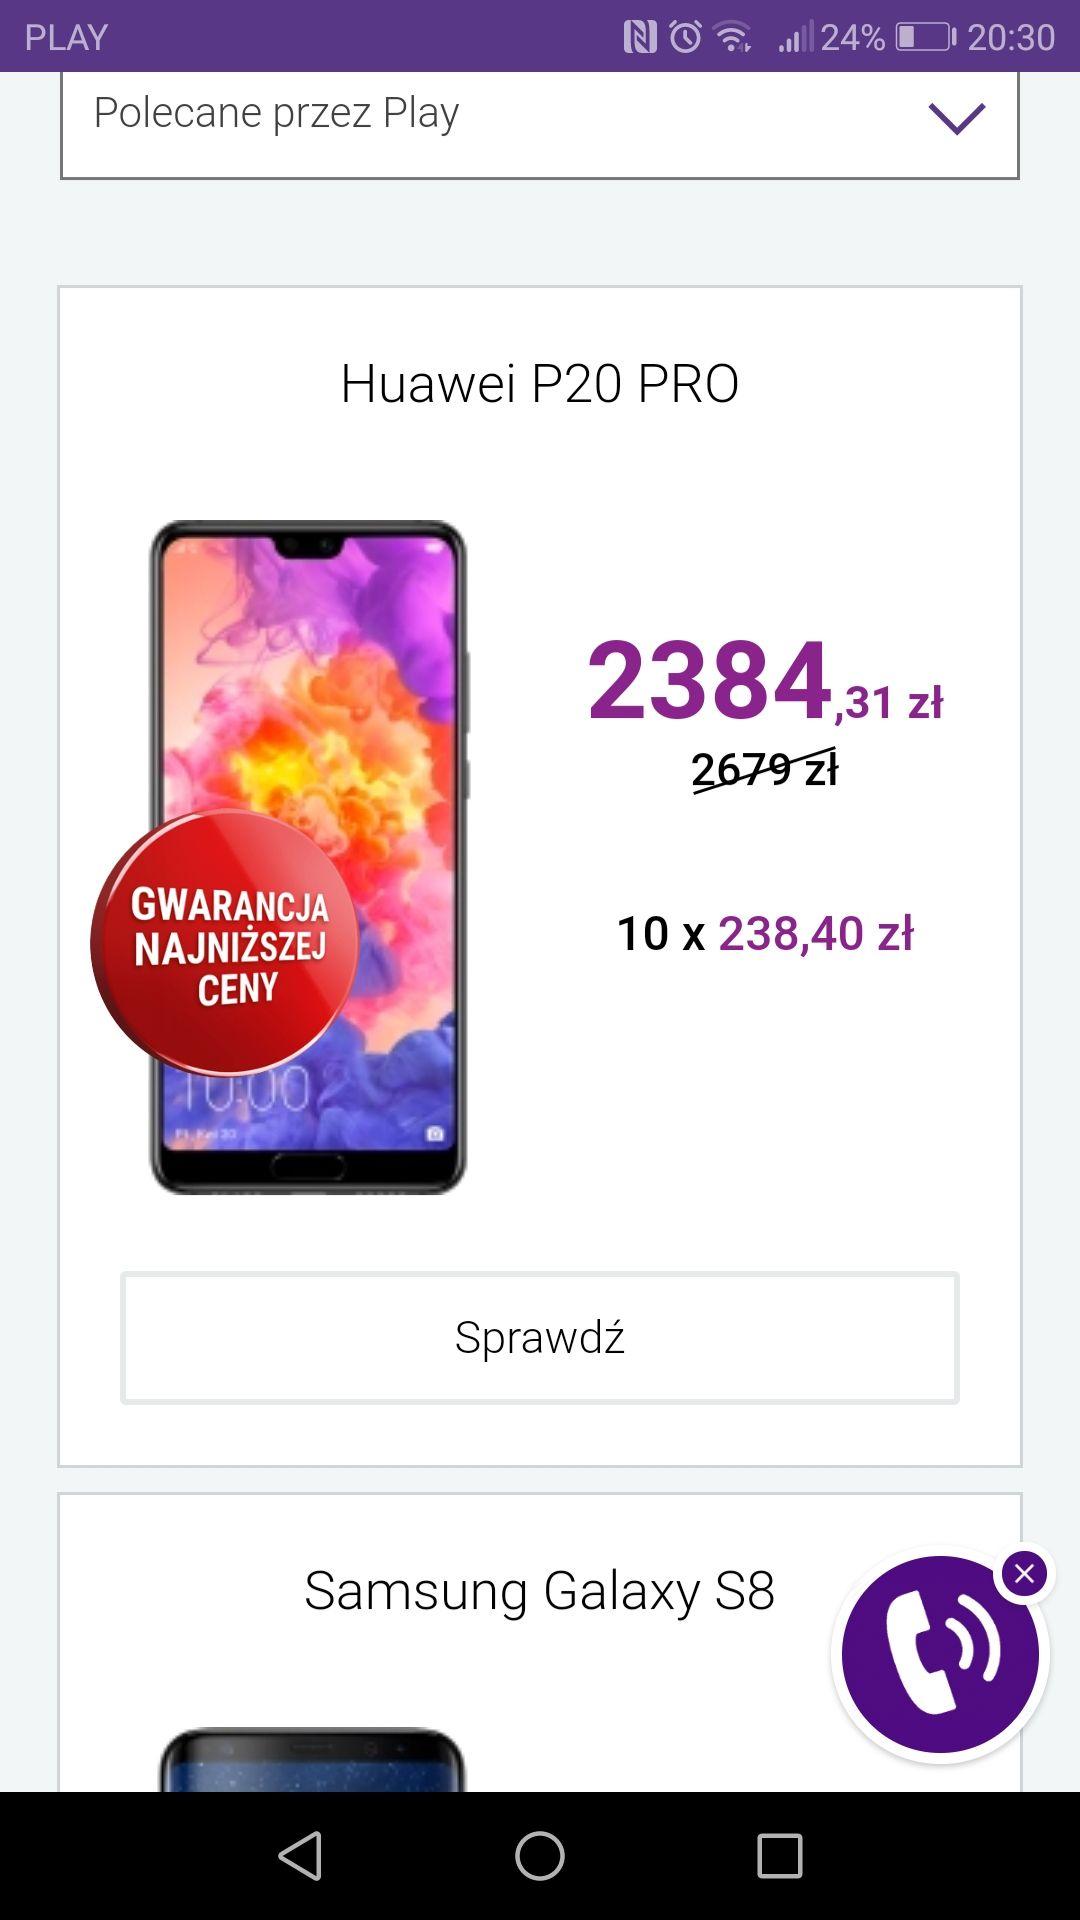 Huawei P20 pro bez abonamentu PLAY